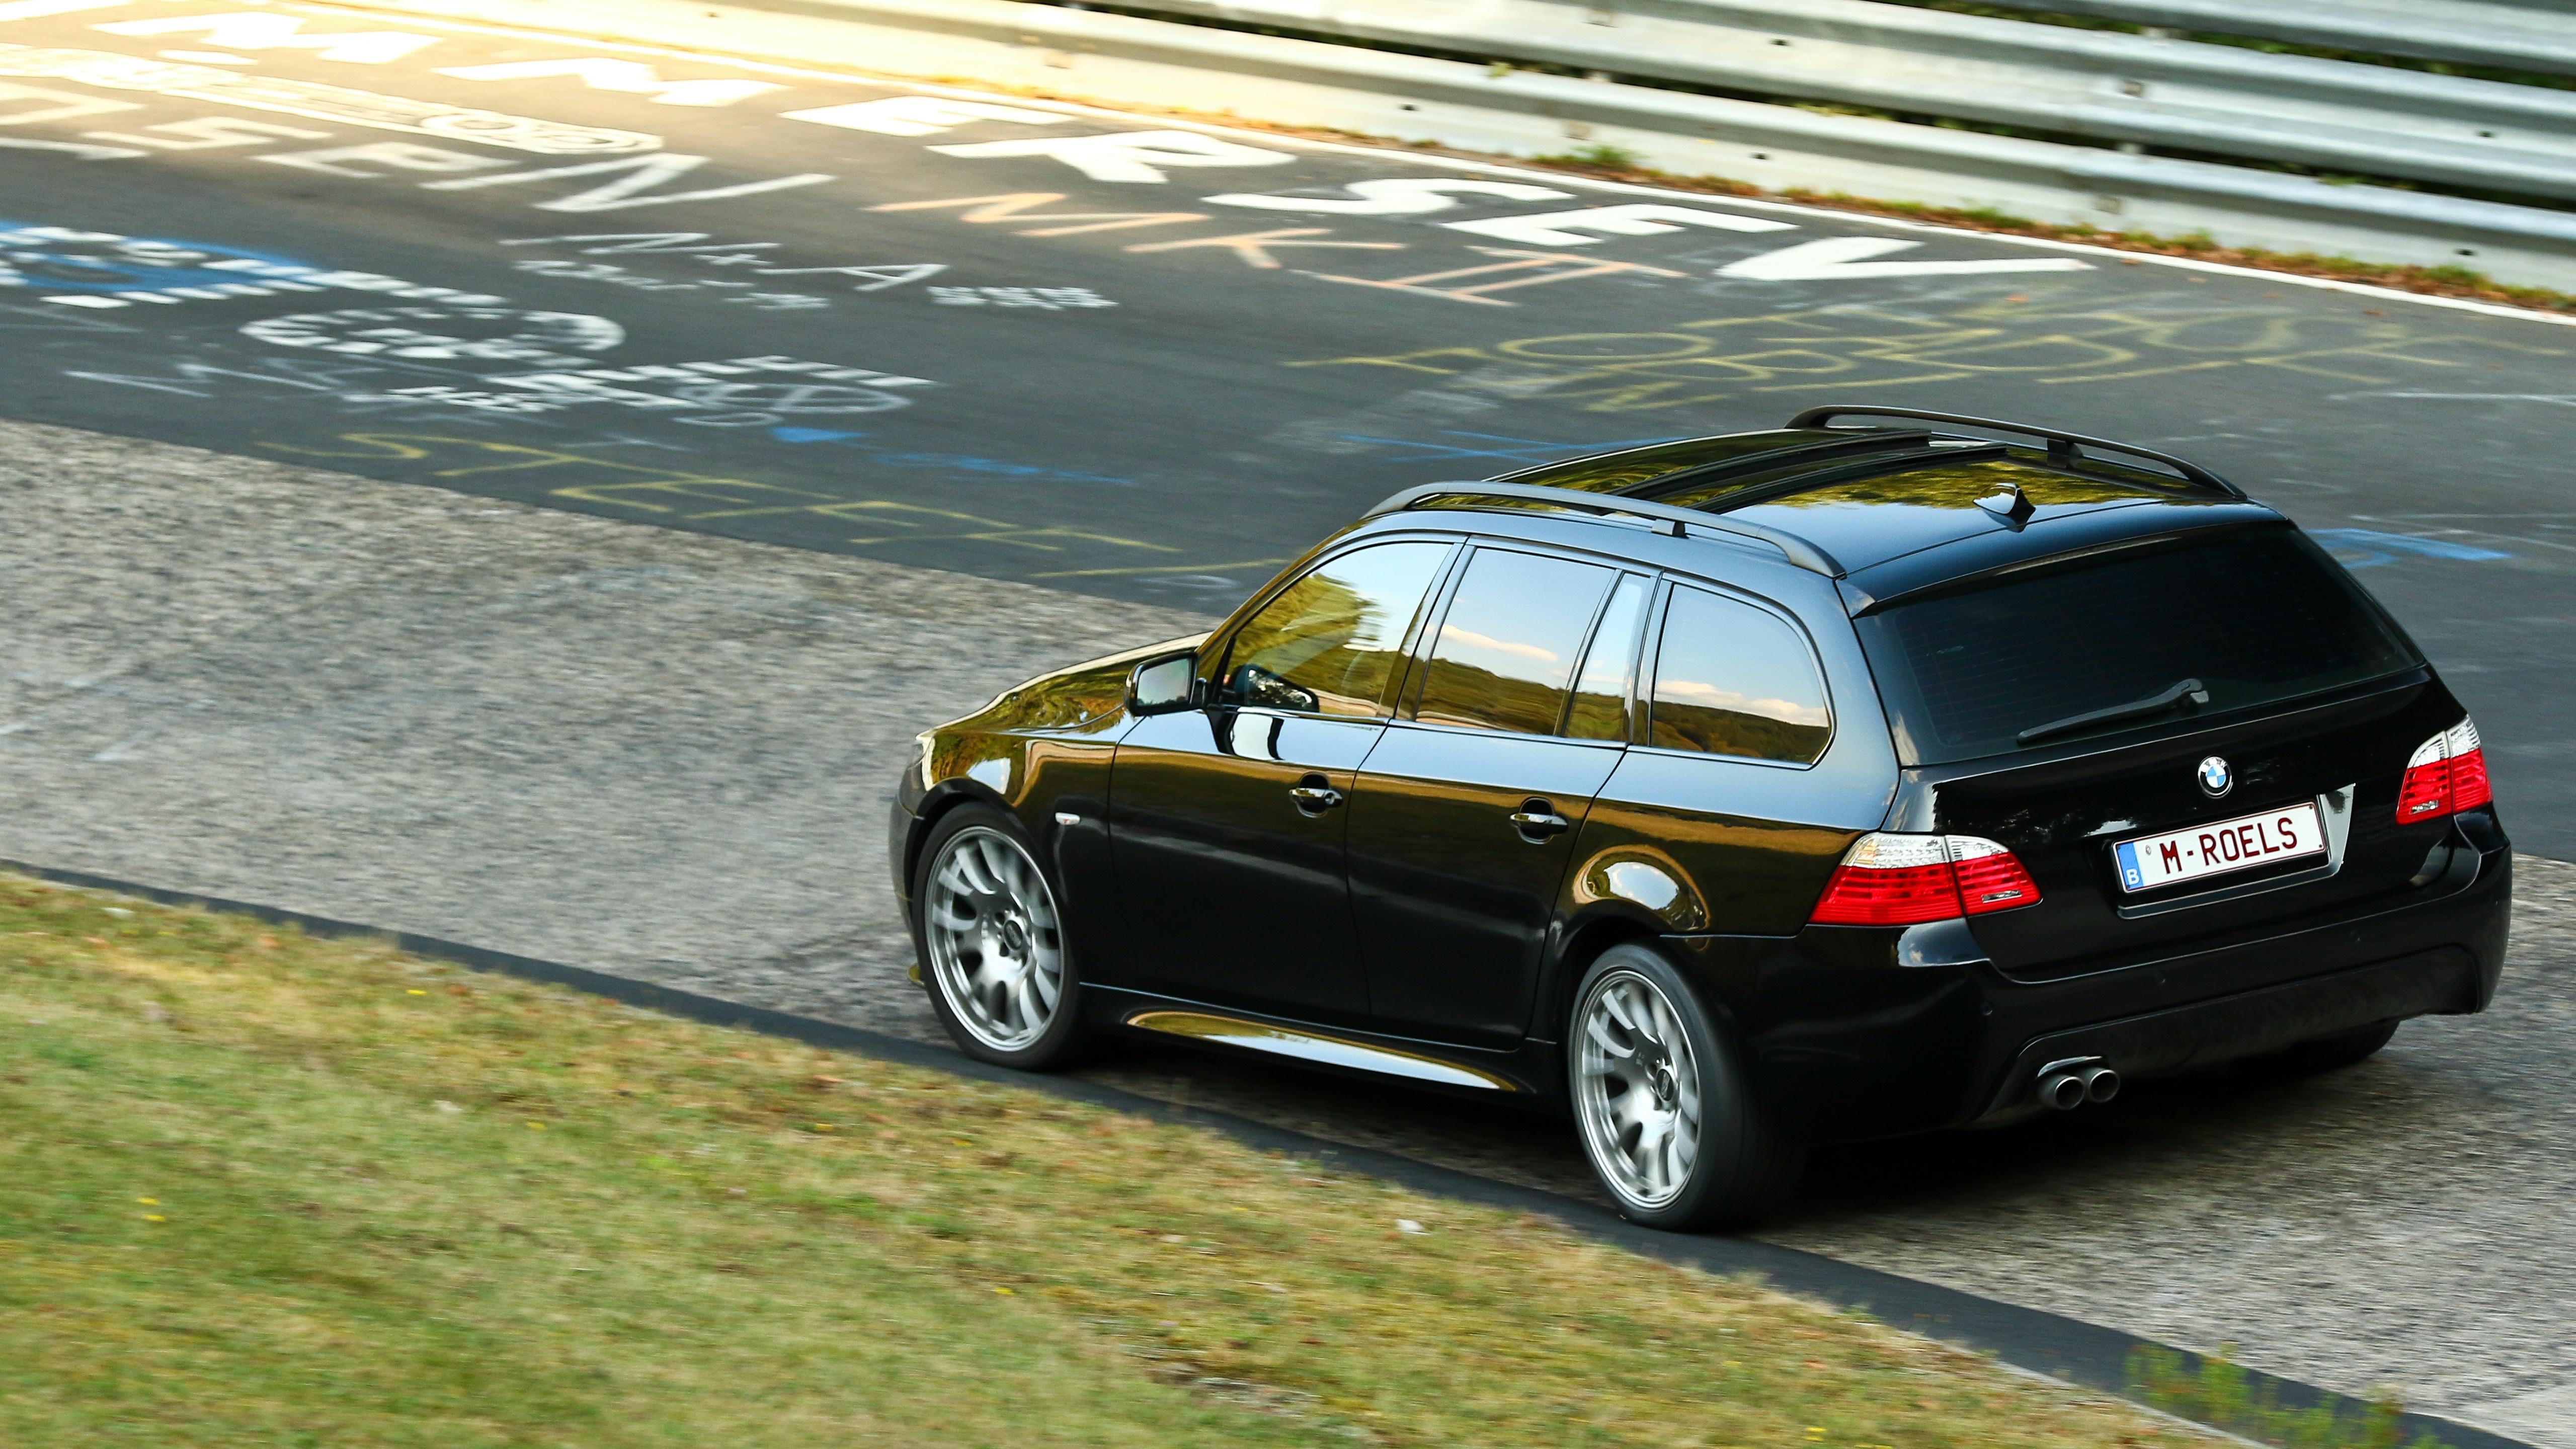 BMW 535d Touring am Nordschleife wallpaper